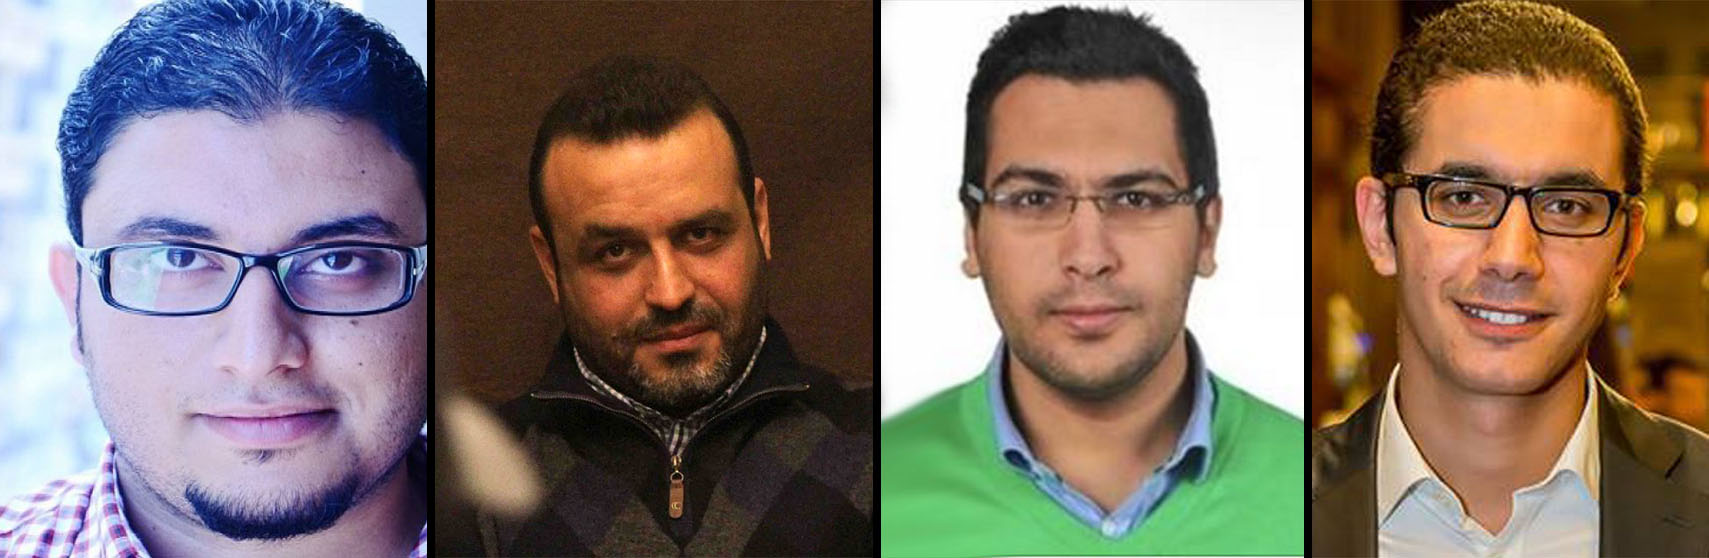 أحمد عبد الحميد، عبد الرحمن عياش، أسامة الشاذلي، أنس حسن